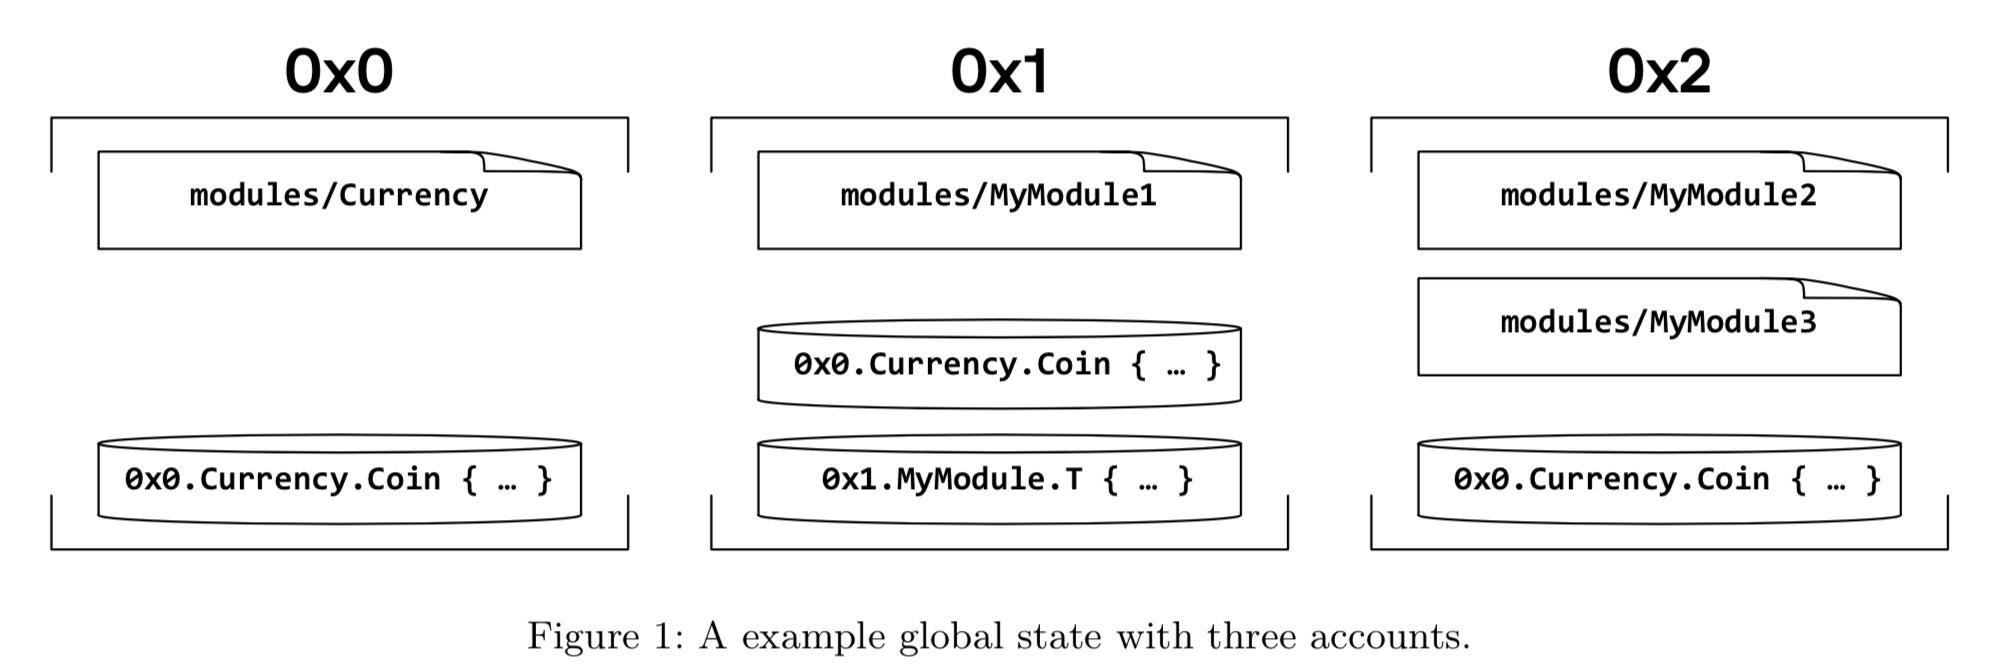 Погружение в Move — язык программирования блокчейна Libra от Facebook - 7